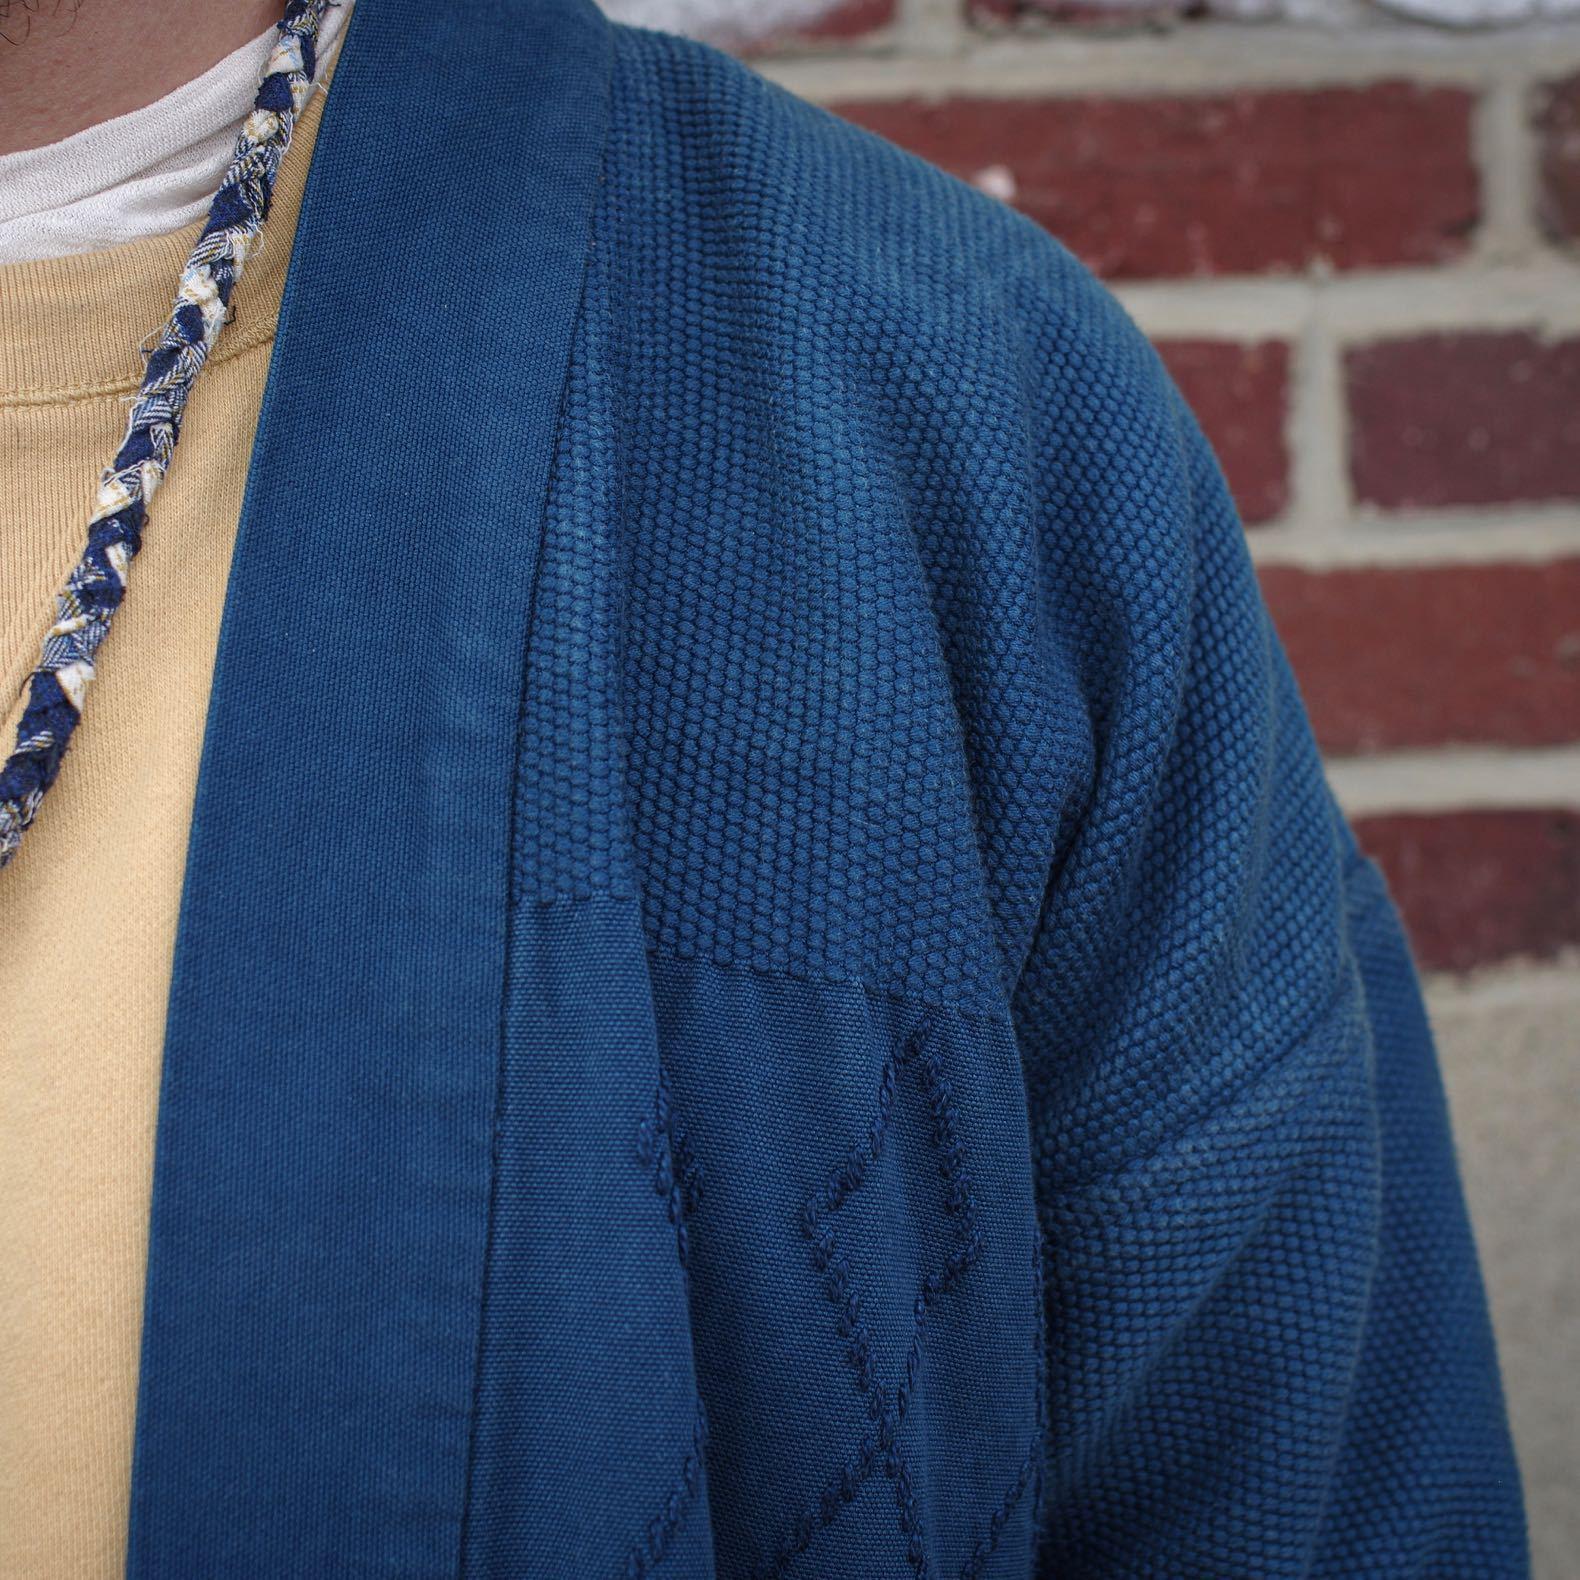 matière kimono japonais sashiko indigo teinture